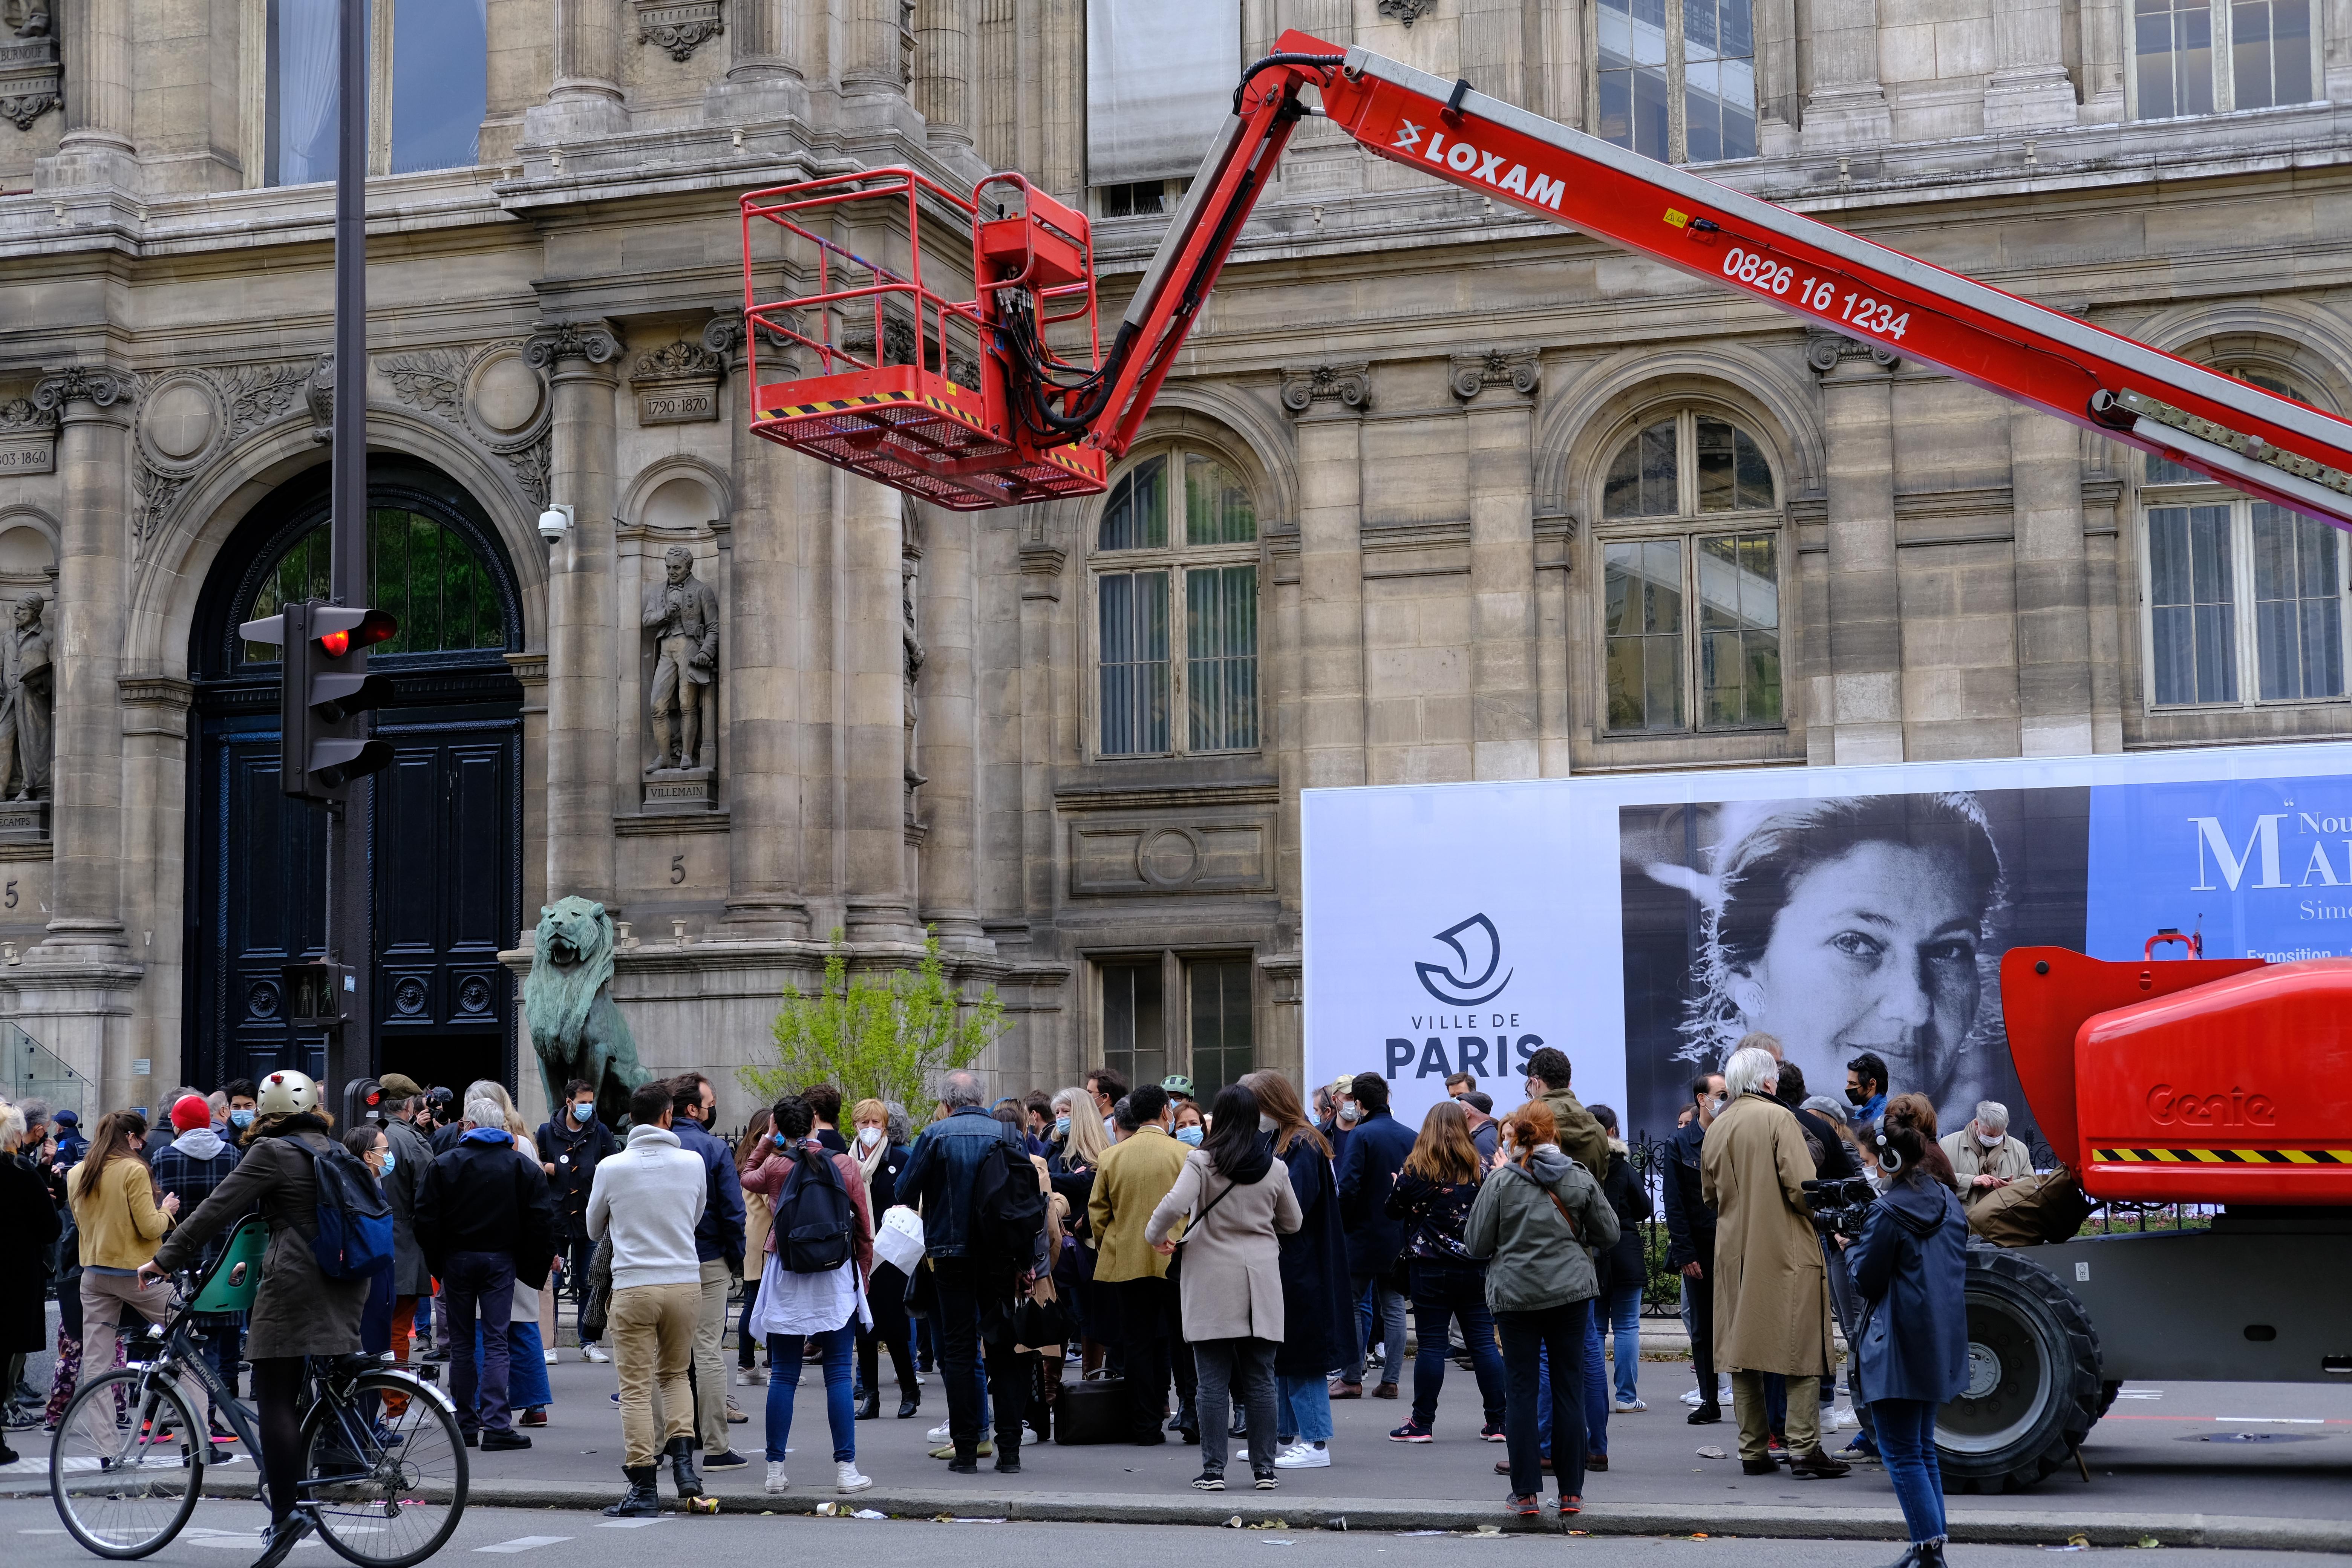 Des parisiens manifestant devant la Mairie de Paris après la vente aux enchères du mobilier parisien, le 25 mai 2021